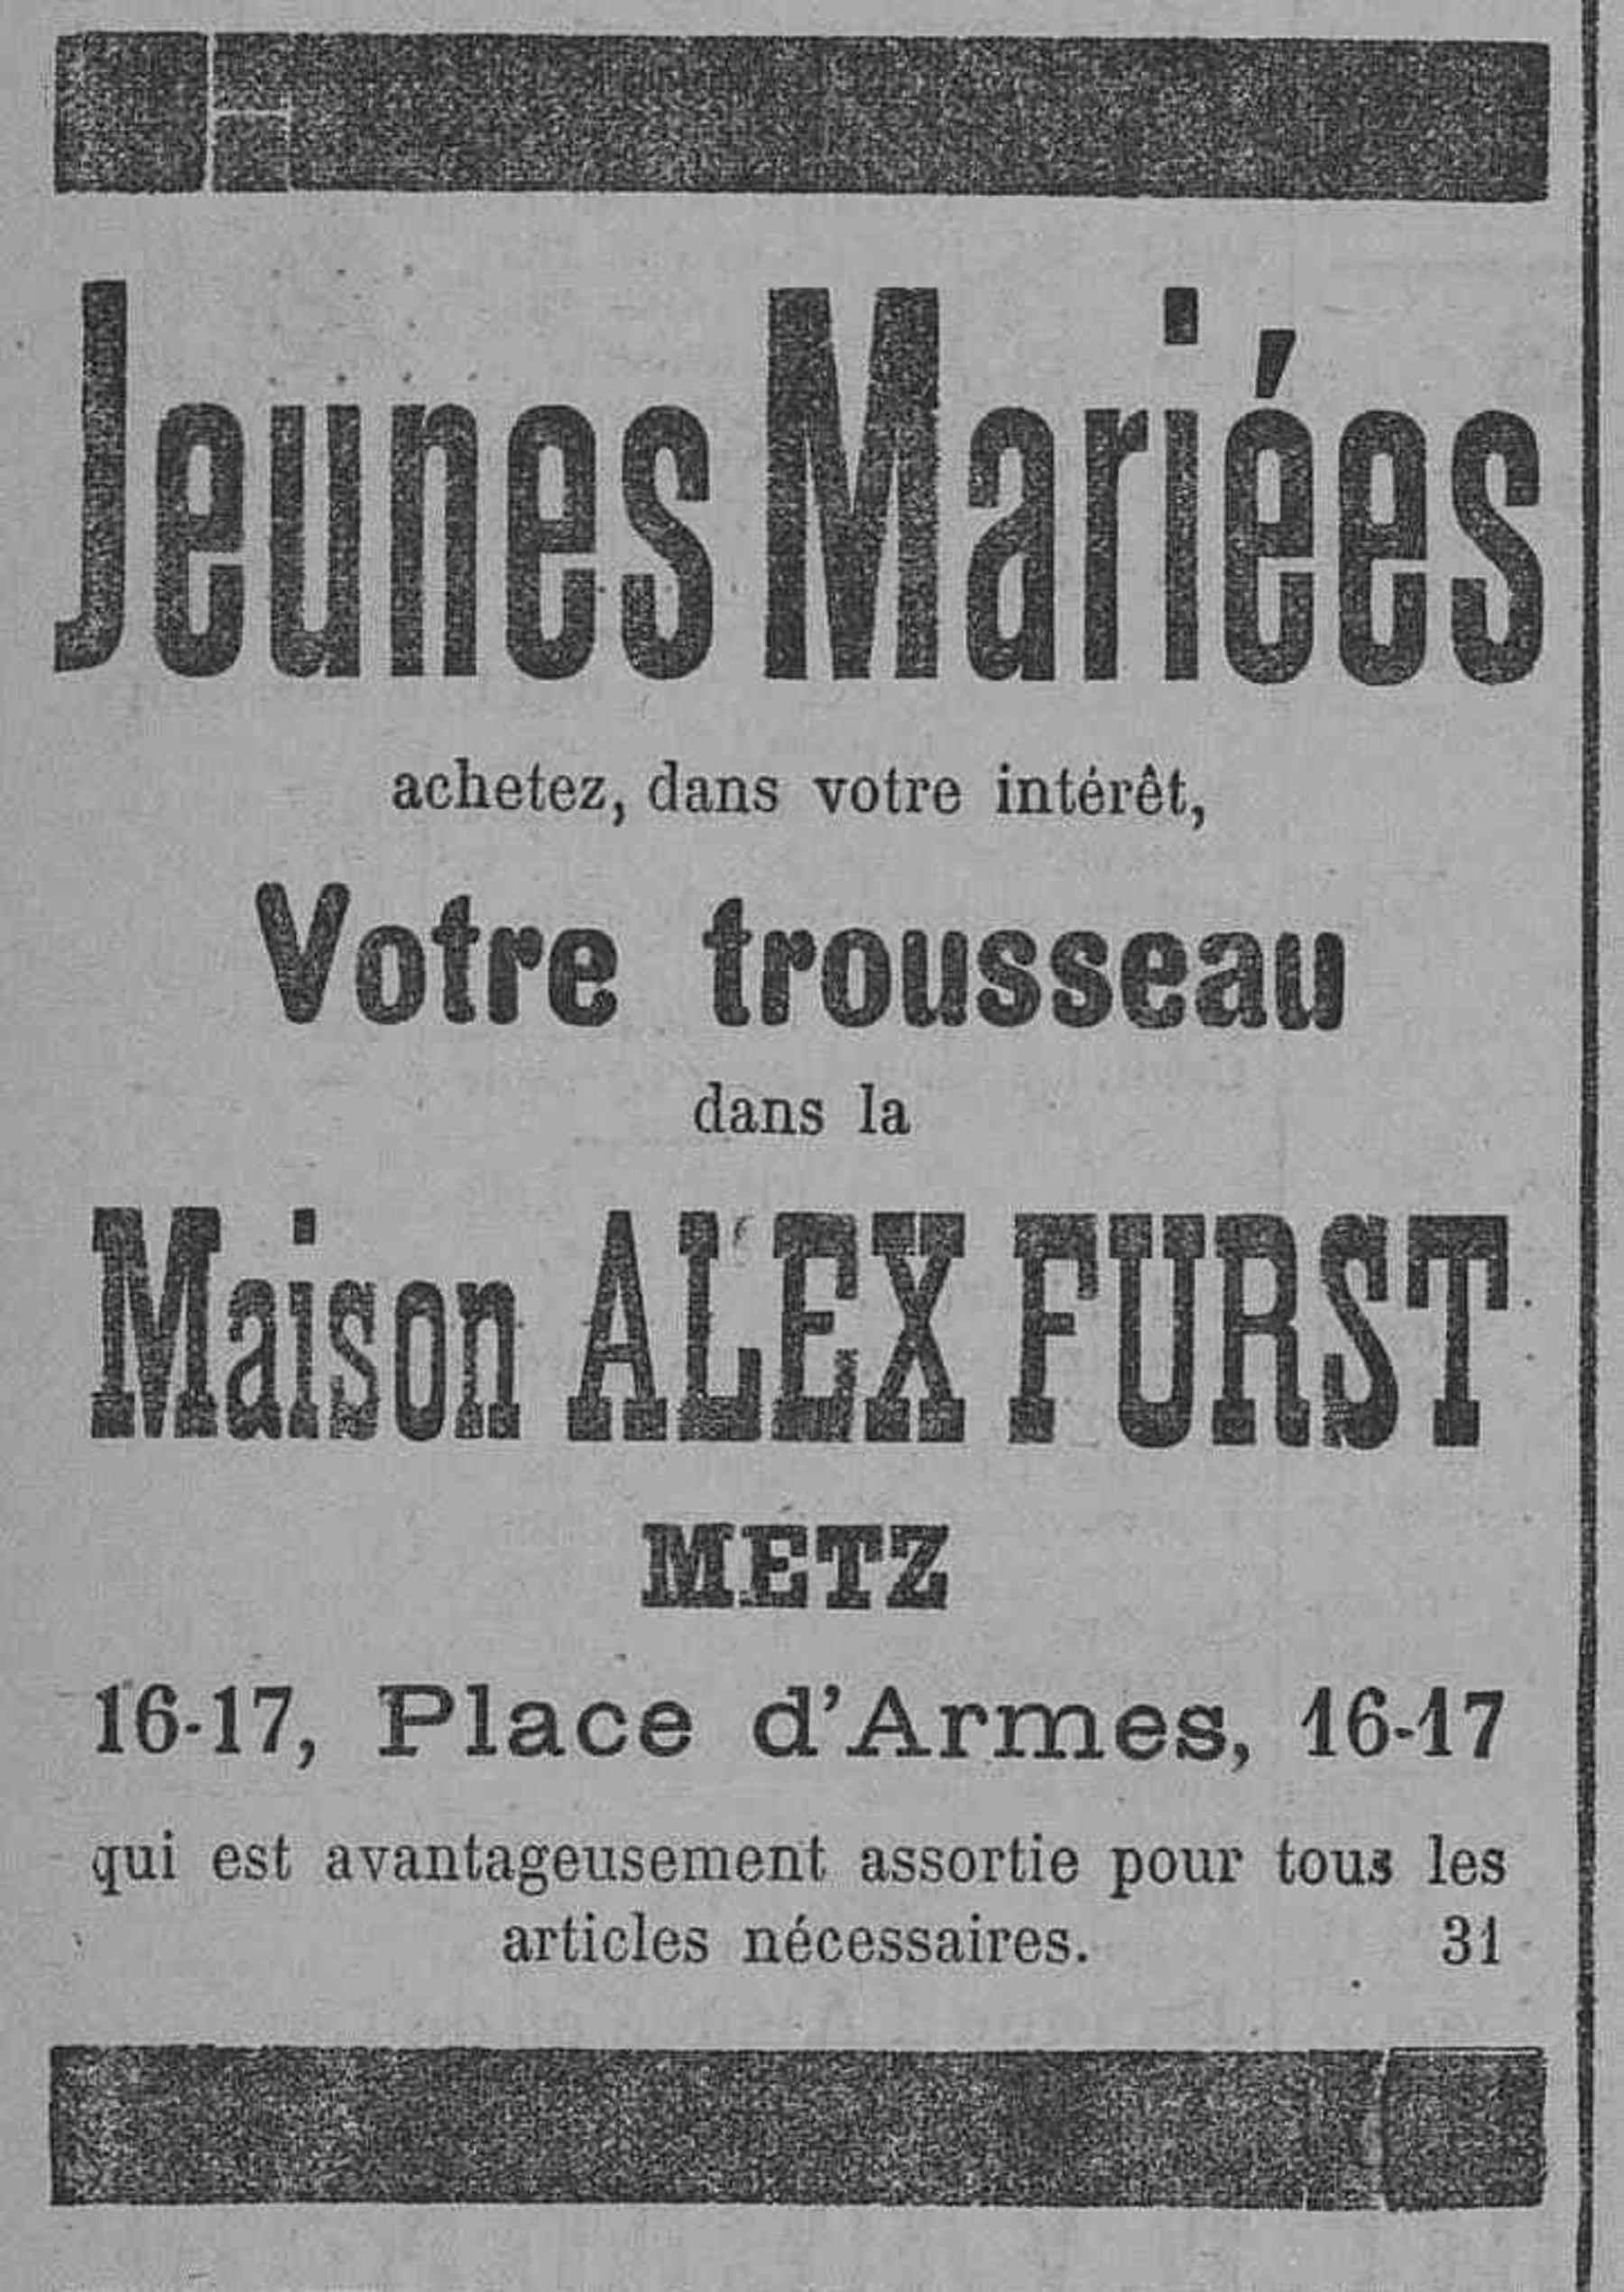 Contenu du Maison Alex Furst. Trousseau pour jeunes mariées